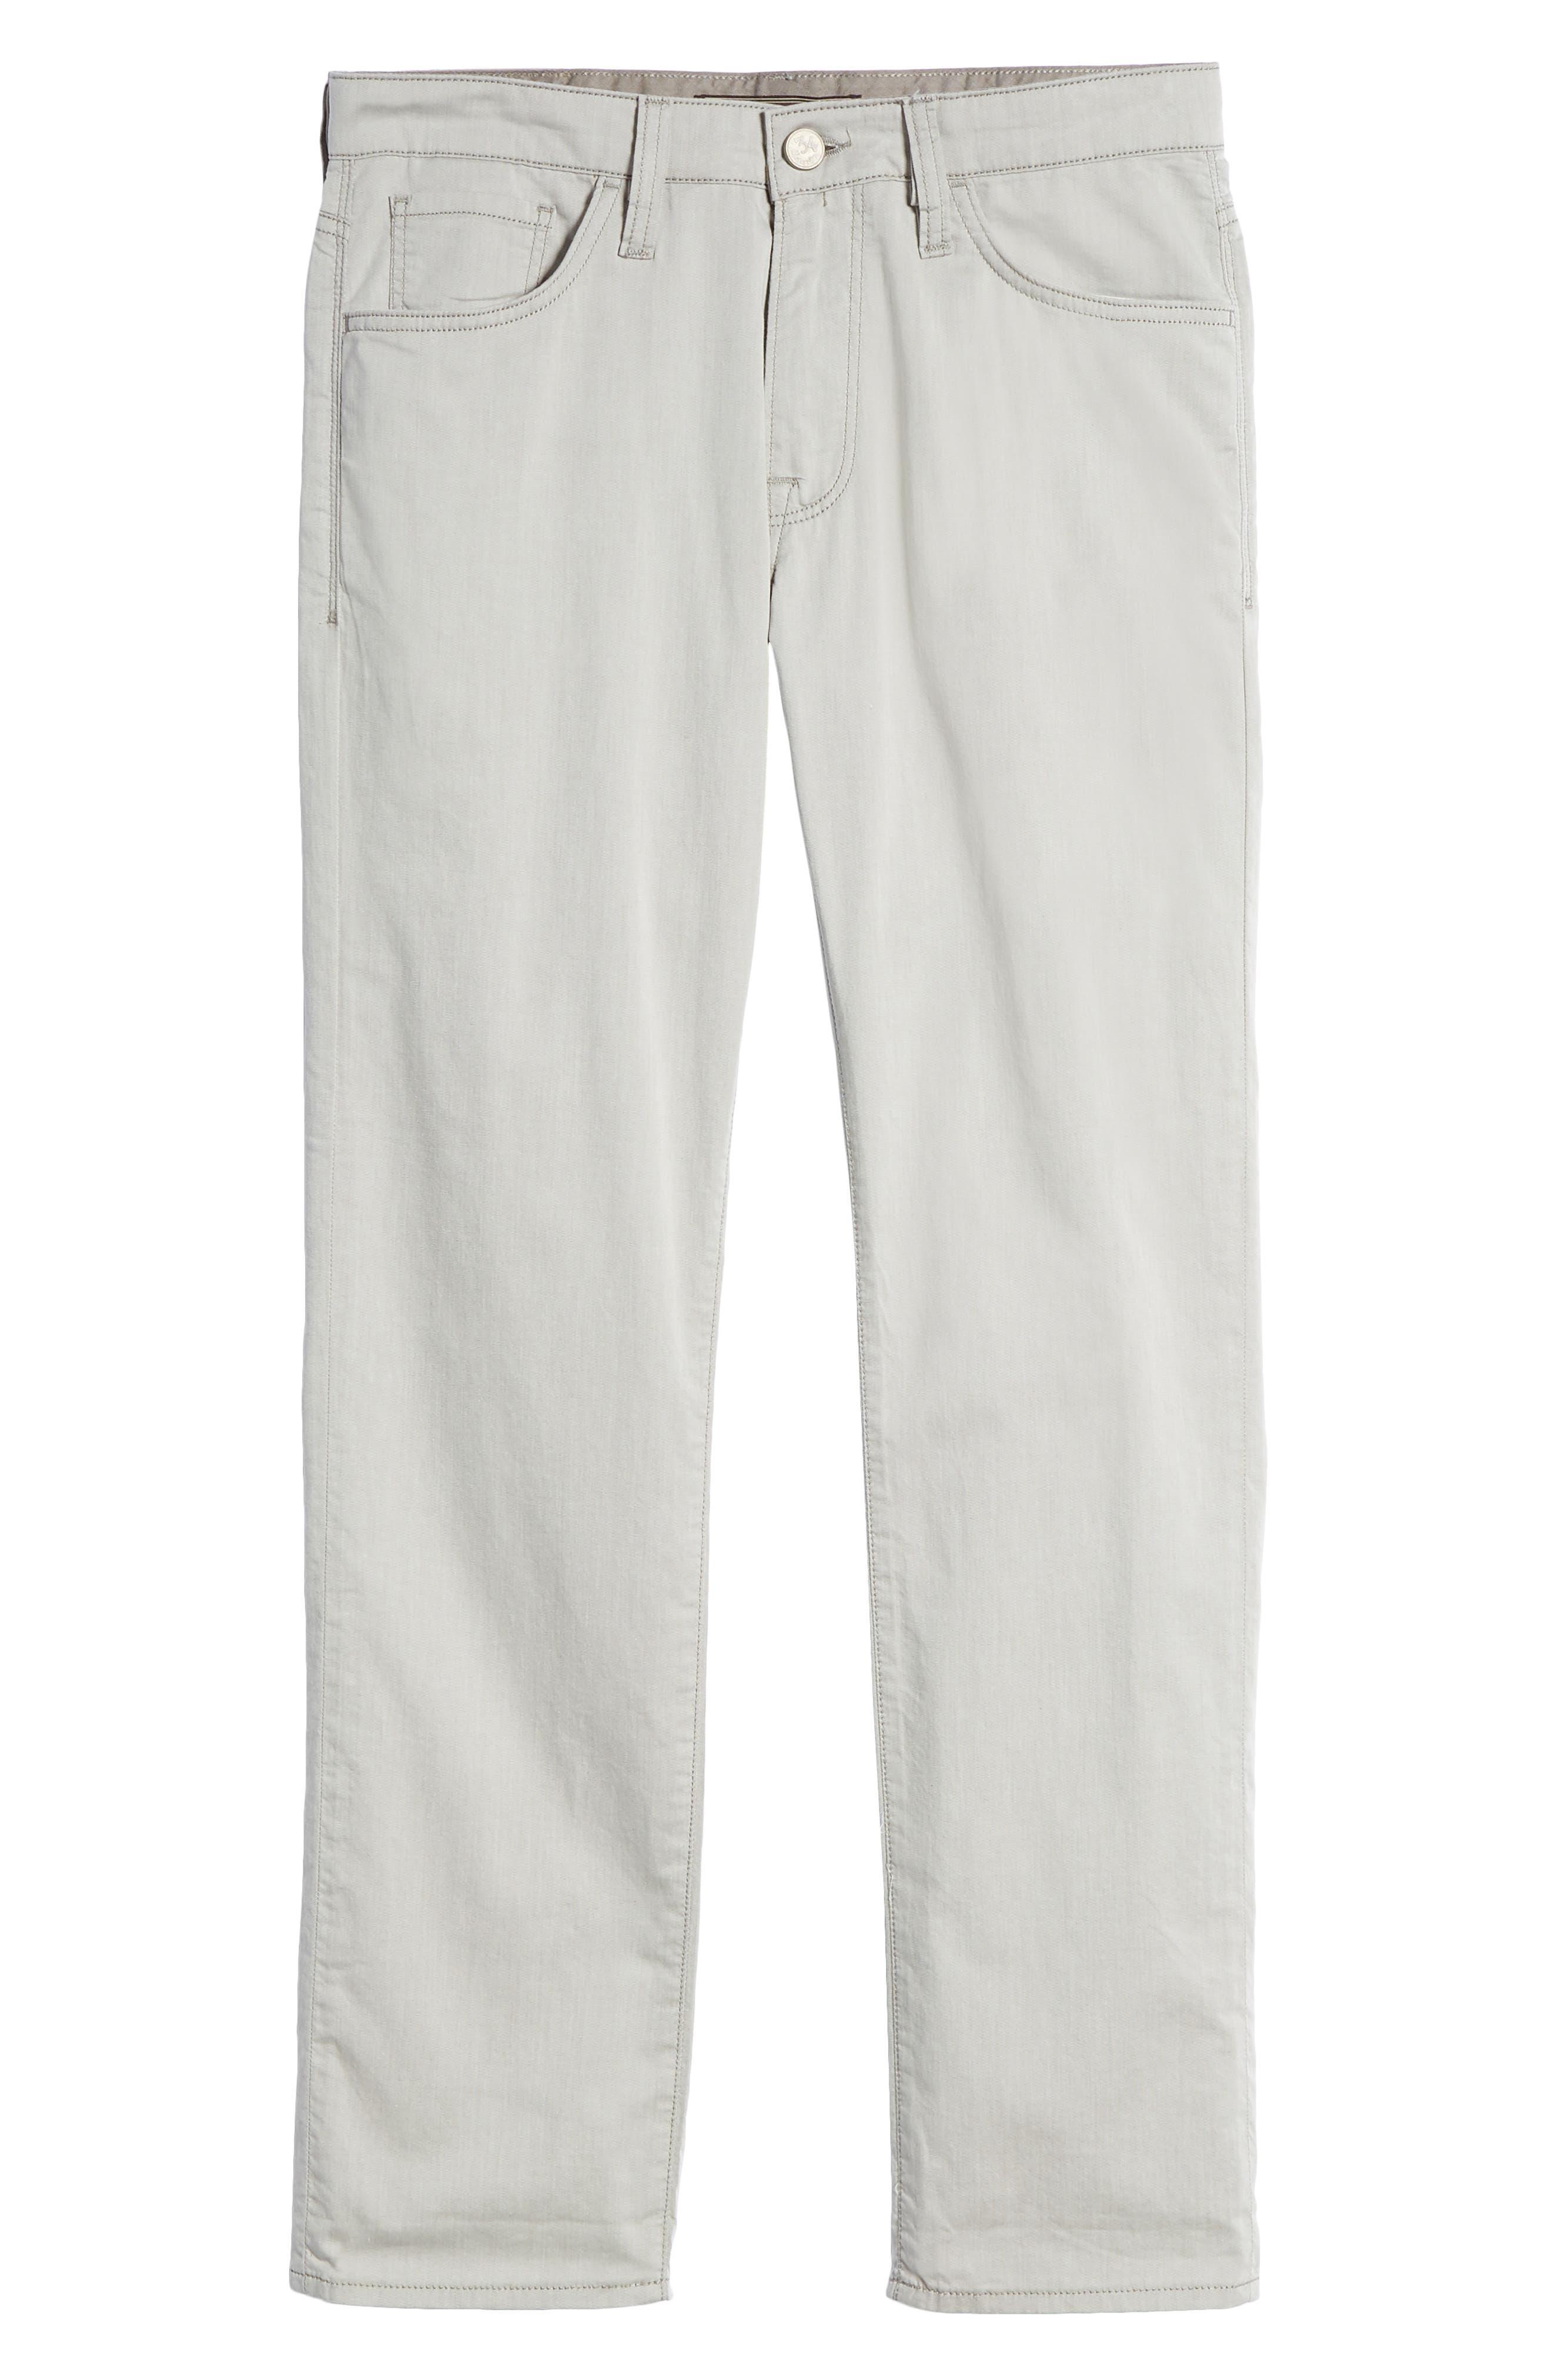 Courage Straight Leg Jeans,                             Alternate thumbnail 6, color,                             Latte Herringbone Reversed